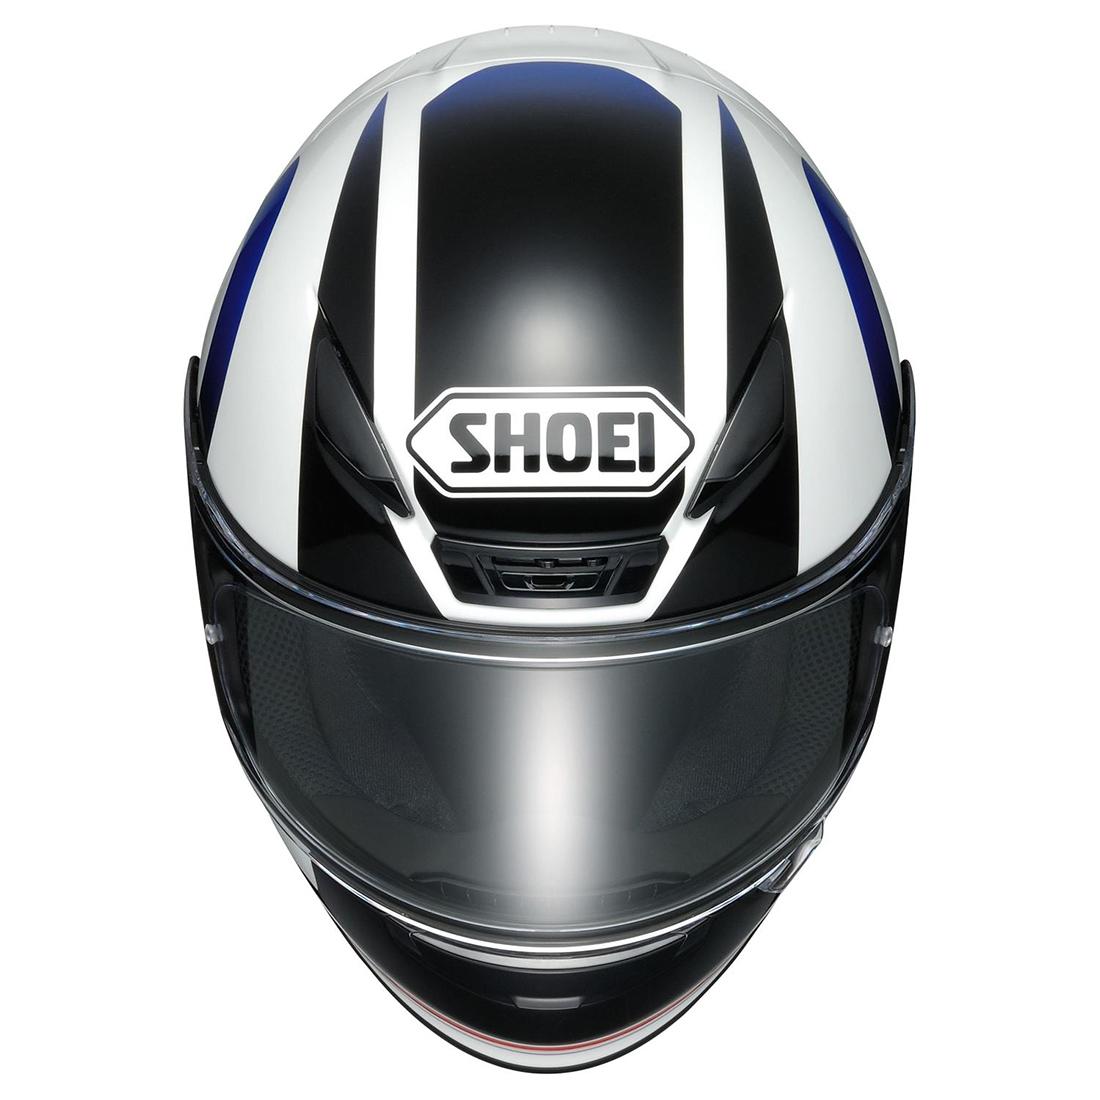 Capacete Shoei NXR Beaufighter - MEGA OFERTA!  - Nova Suzuki Motos e Acessórios